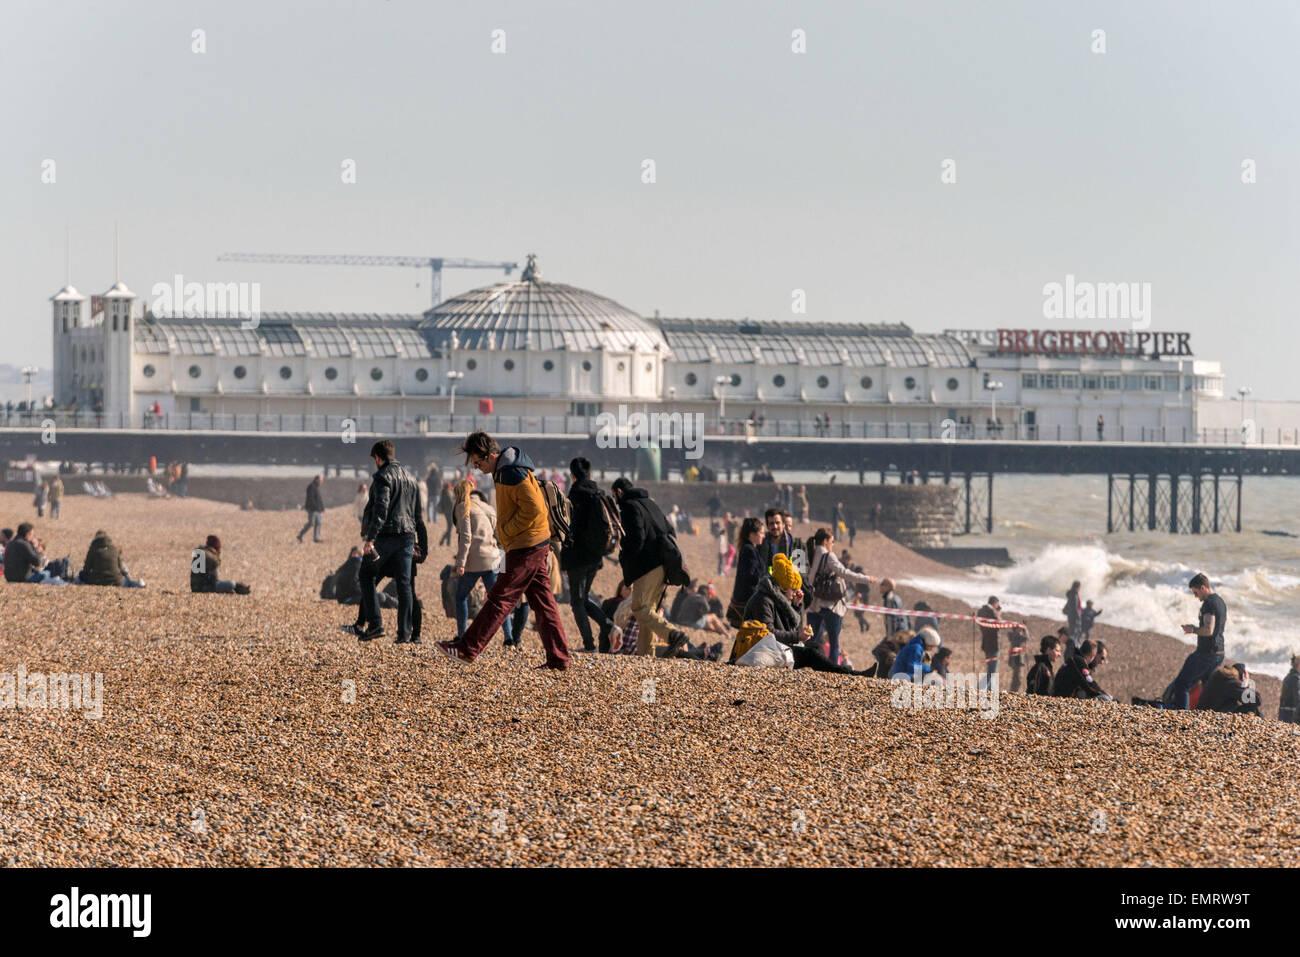 Palace Pier on Brighton Beach. - Stock Image